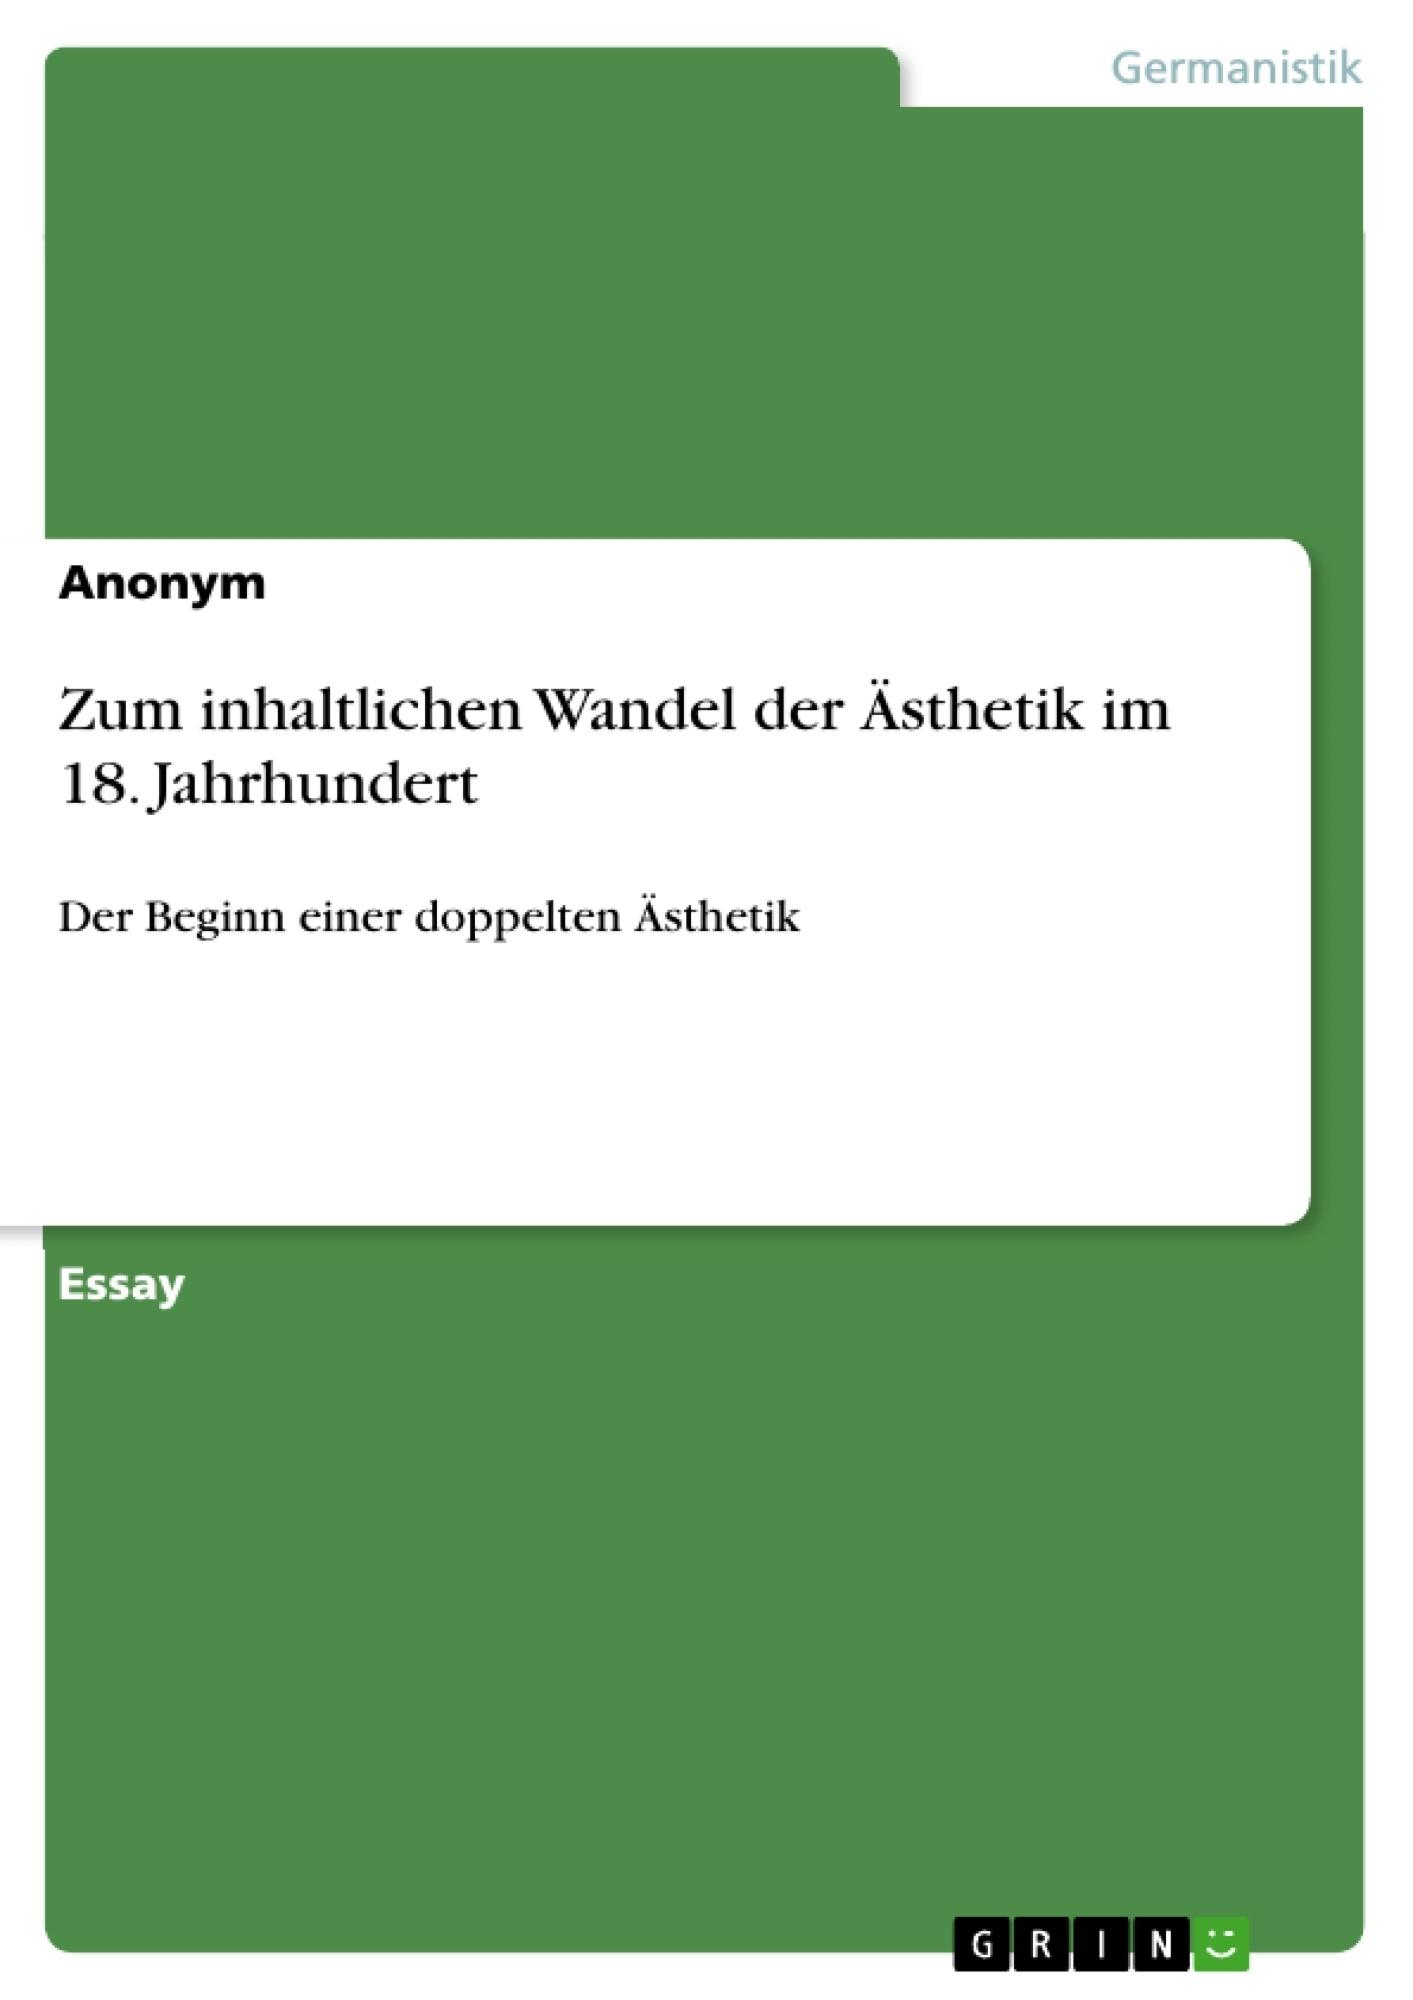 Titel: Zum inhaltlichen Wandel der Ästhetik im 18. Jahrhundert